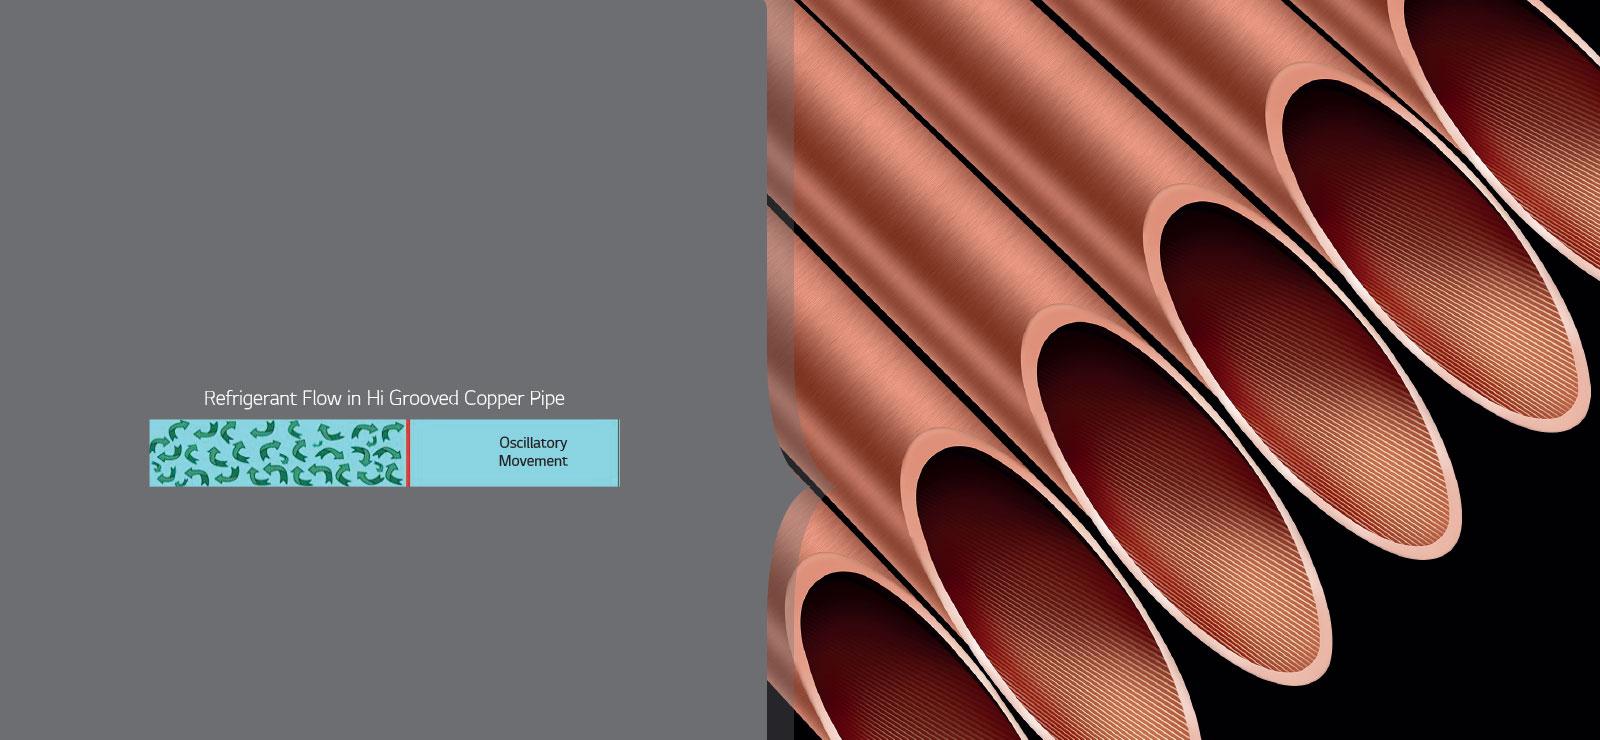 LG LS-Q18BNZD hi- grooved copper